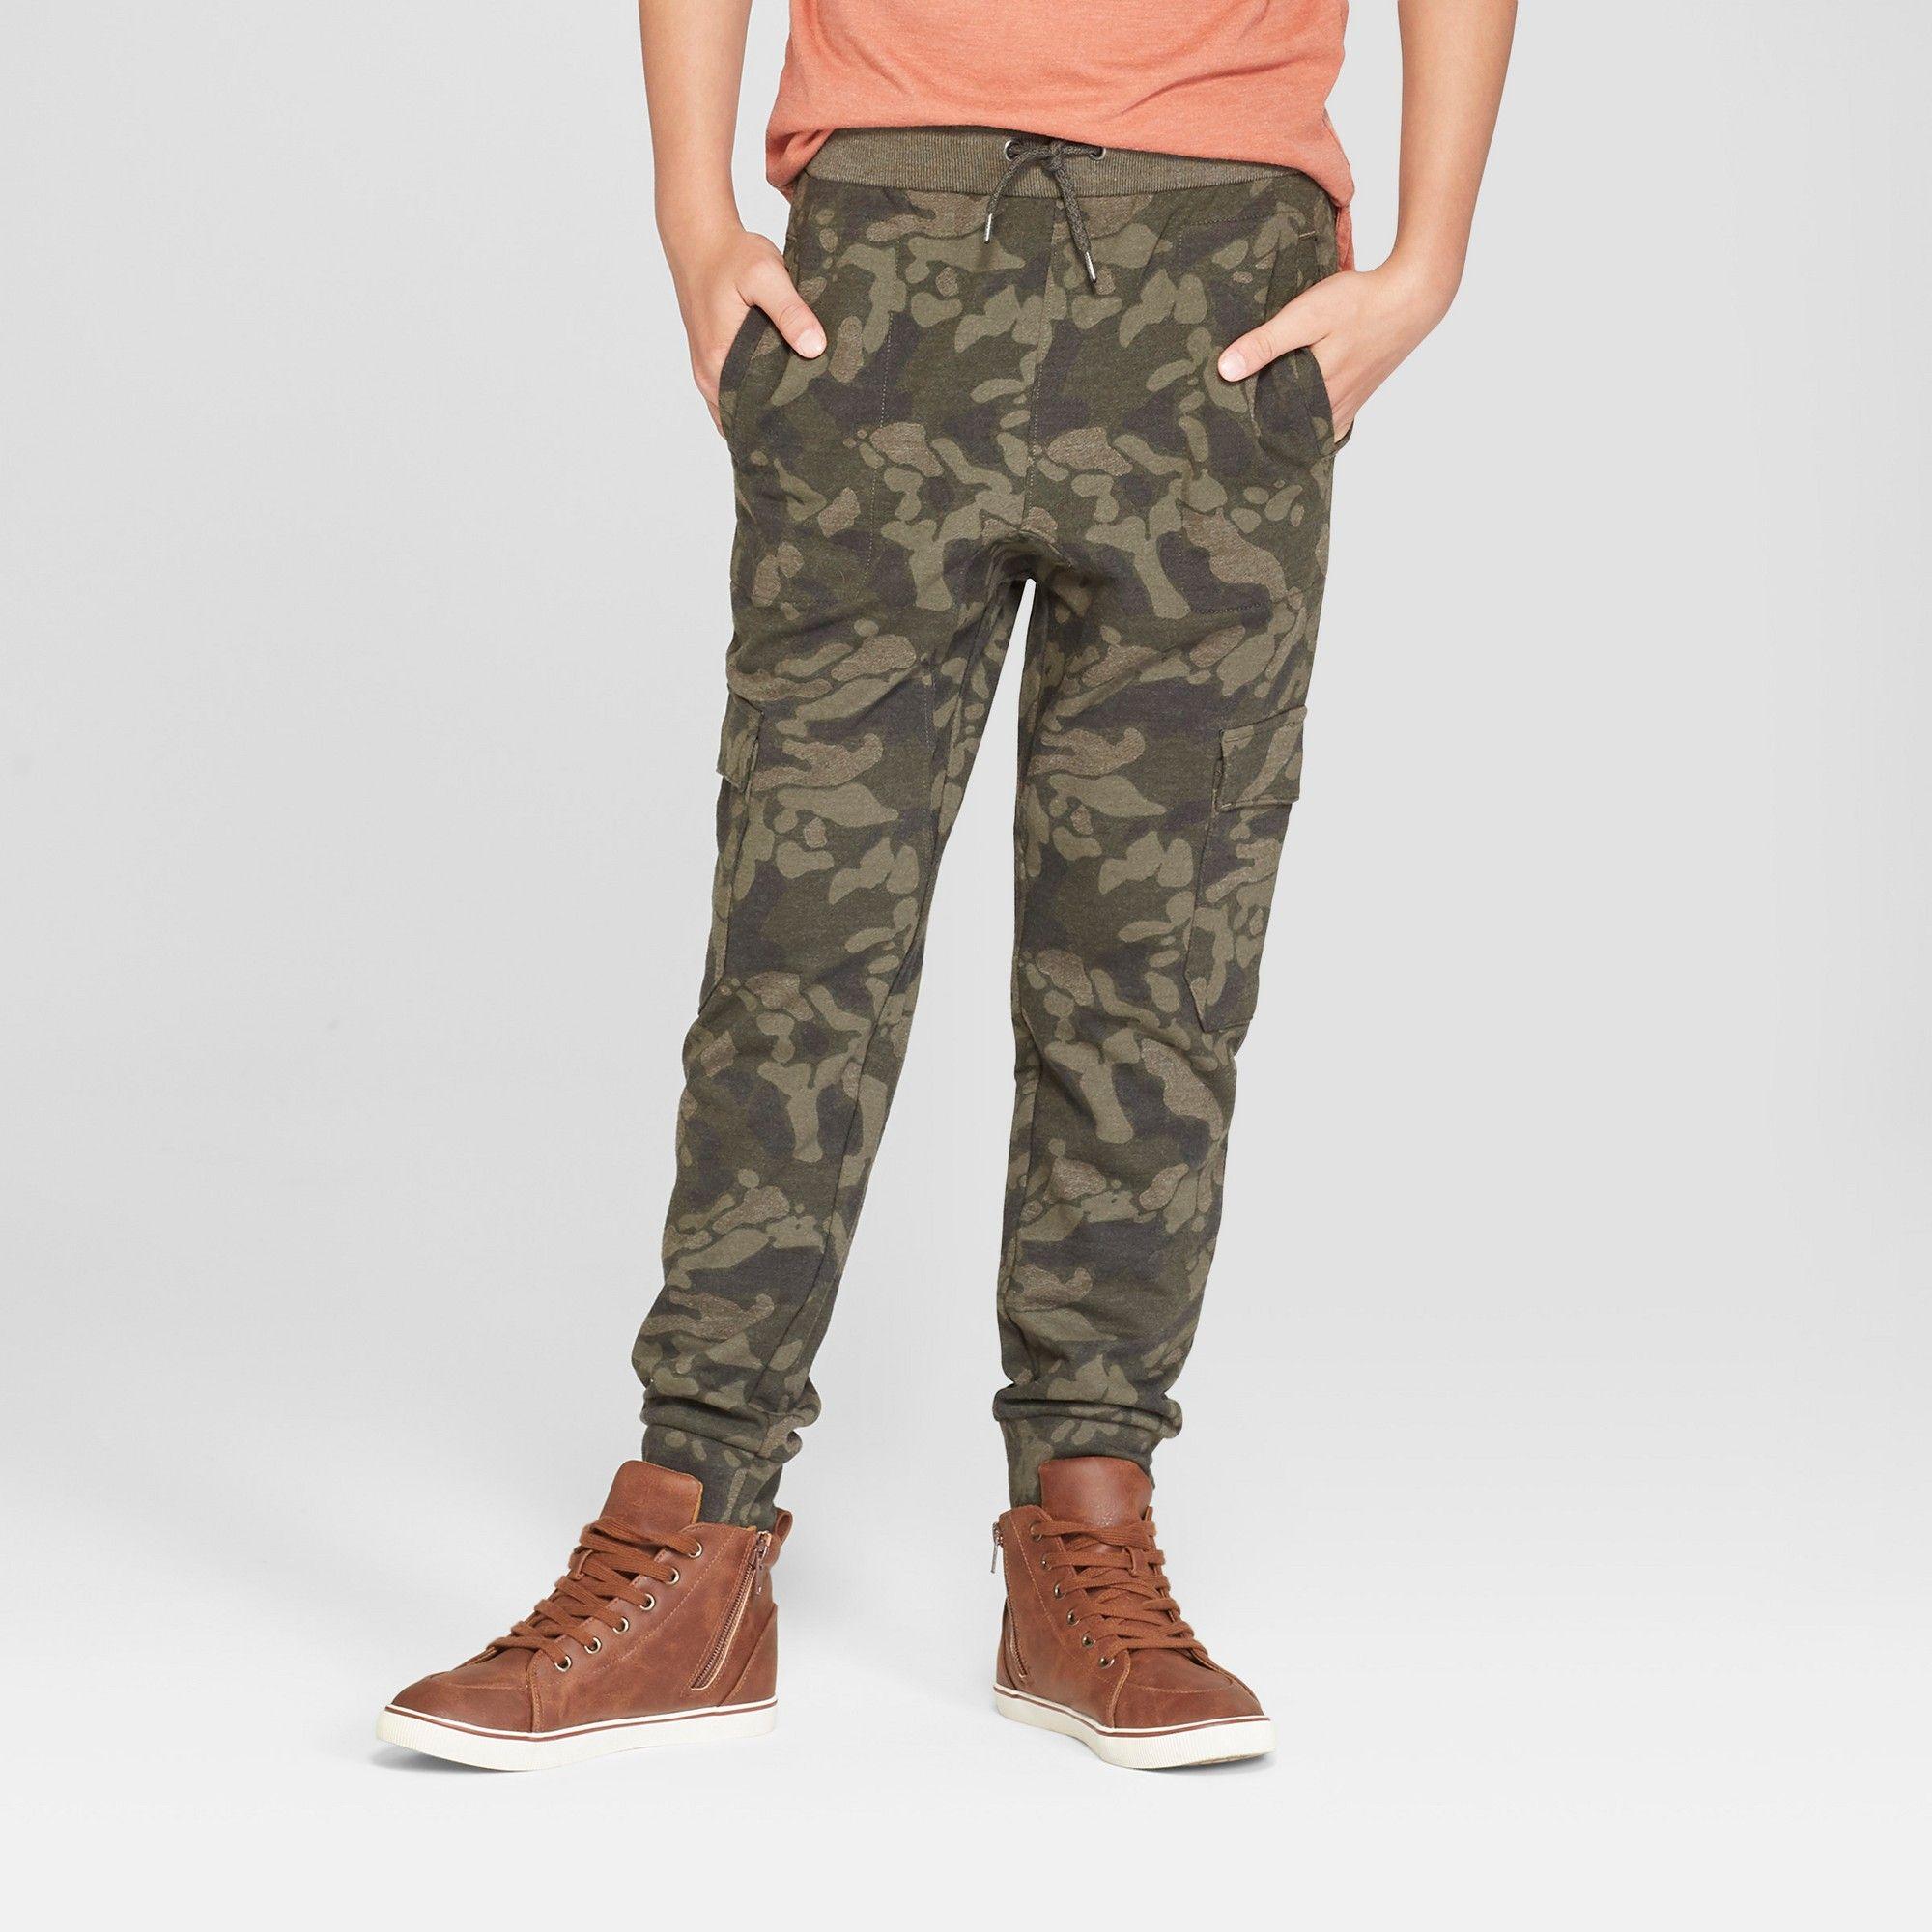 b7a9bdf695a Boys  Jogger Pants - Cat   Jack Olive Green Xxl Husky